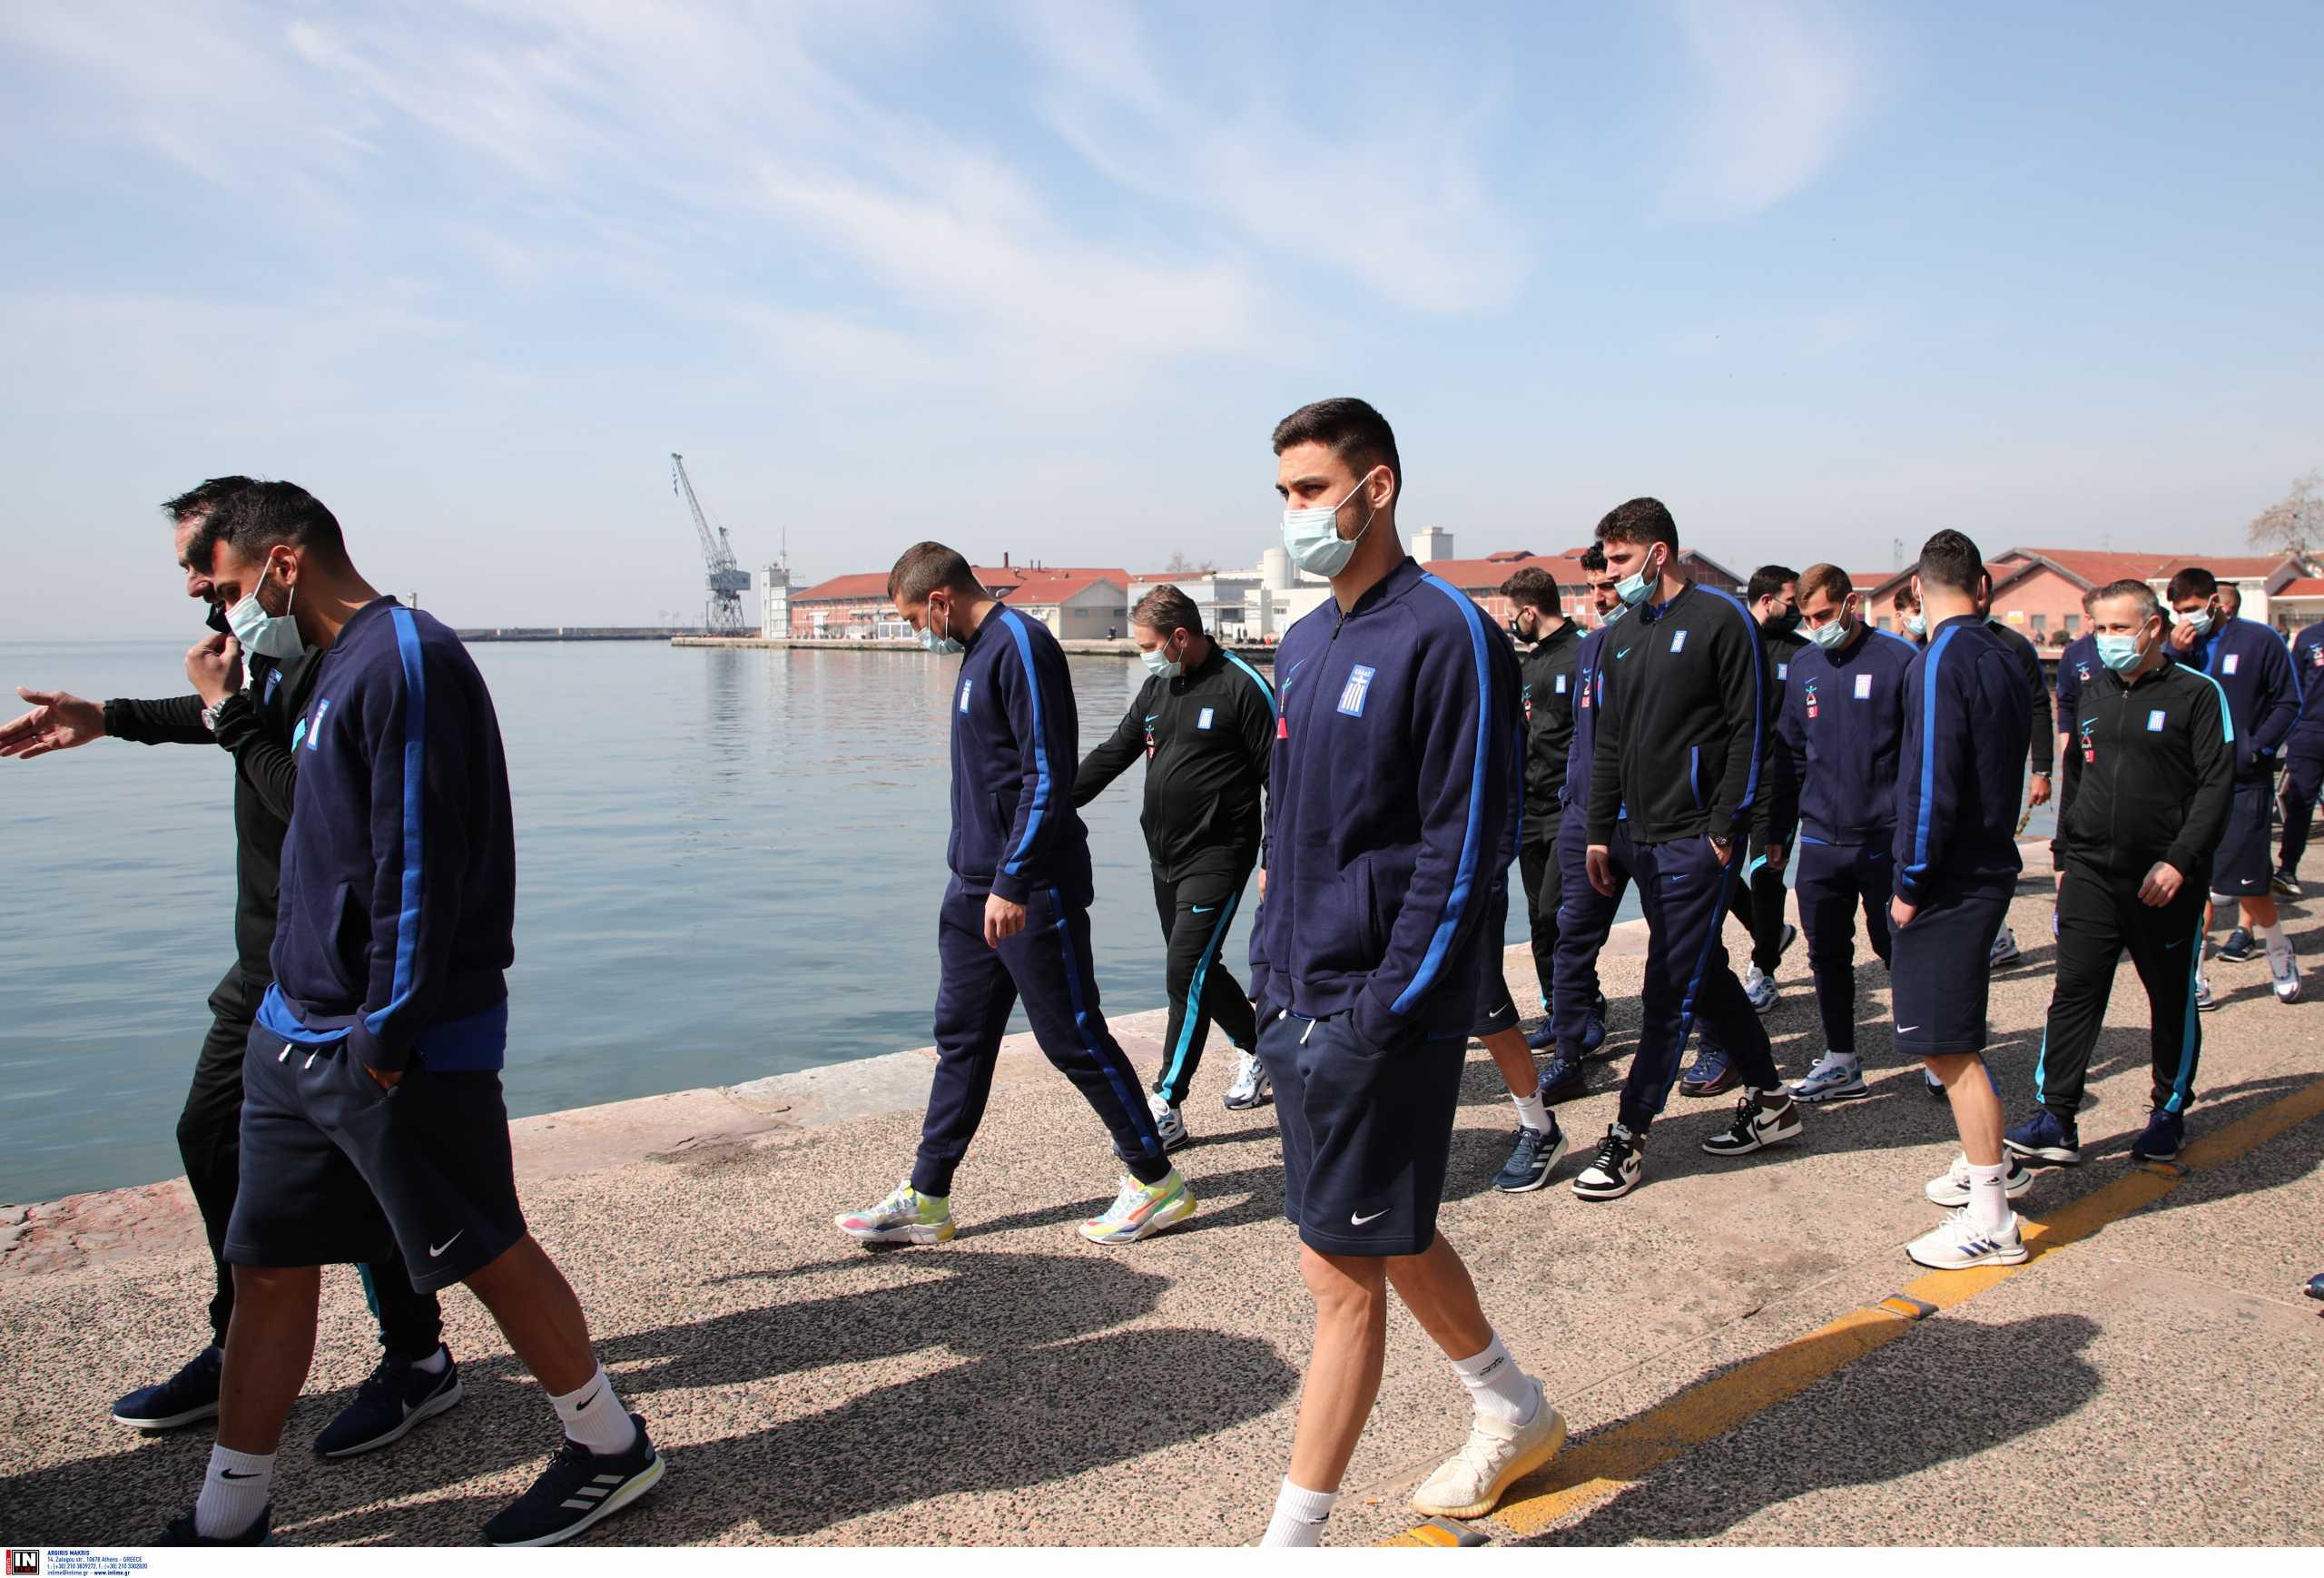 Εθνική Ελλάδας: Βόλτα στη Θεσσαλονίκη πριν το ματς για τους διεθνείς (pics)